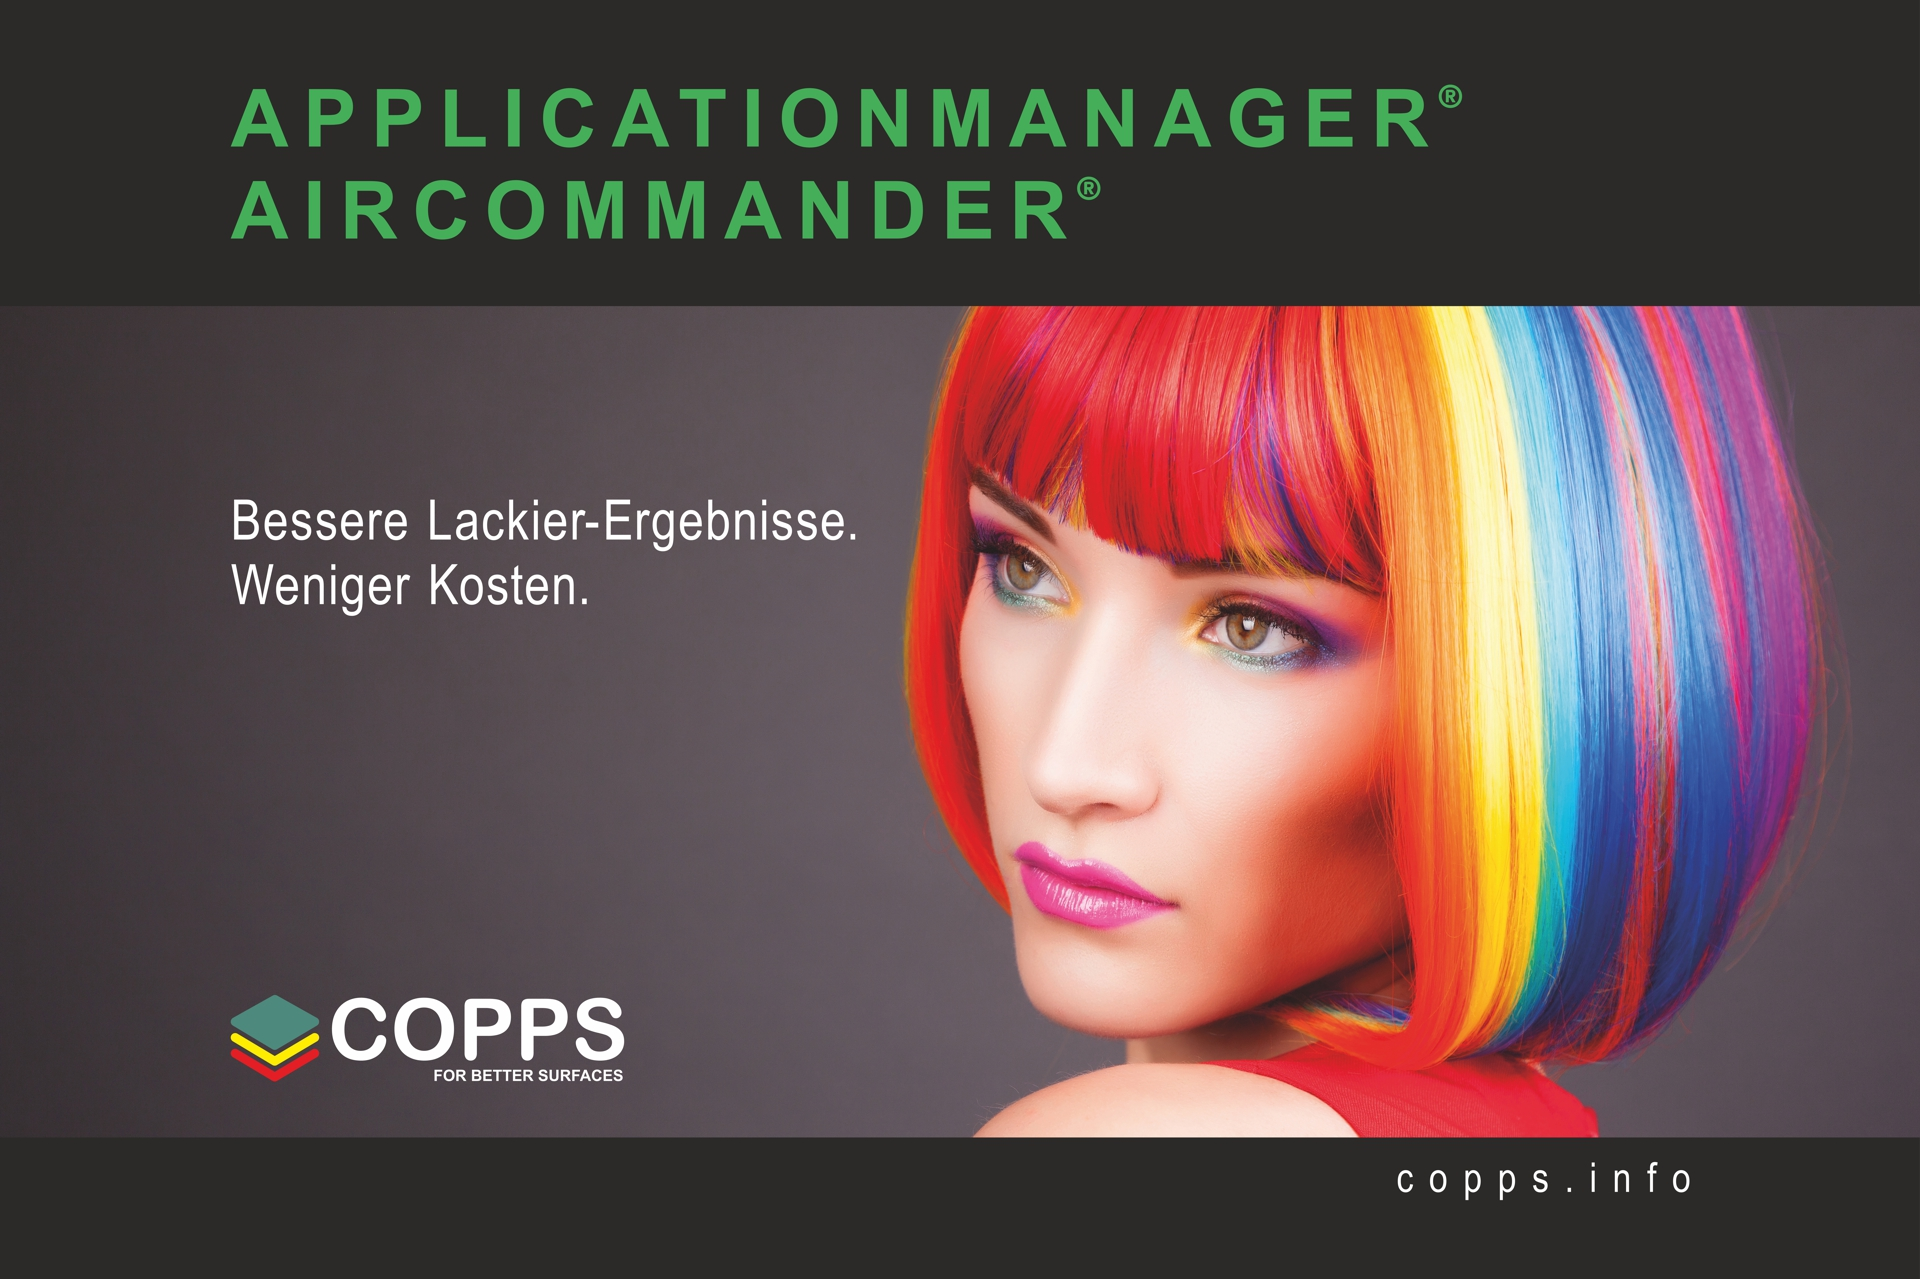 Aircommander und Applicationmanager von COPPS für bessere Lackier-Ergebnisse und weniger Kosten.